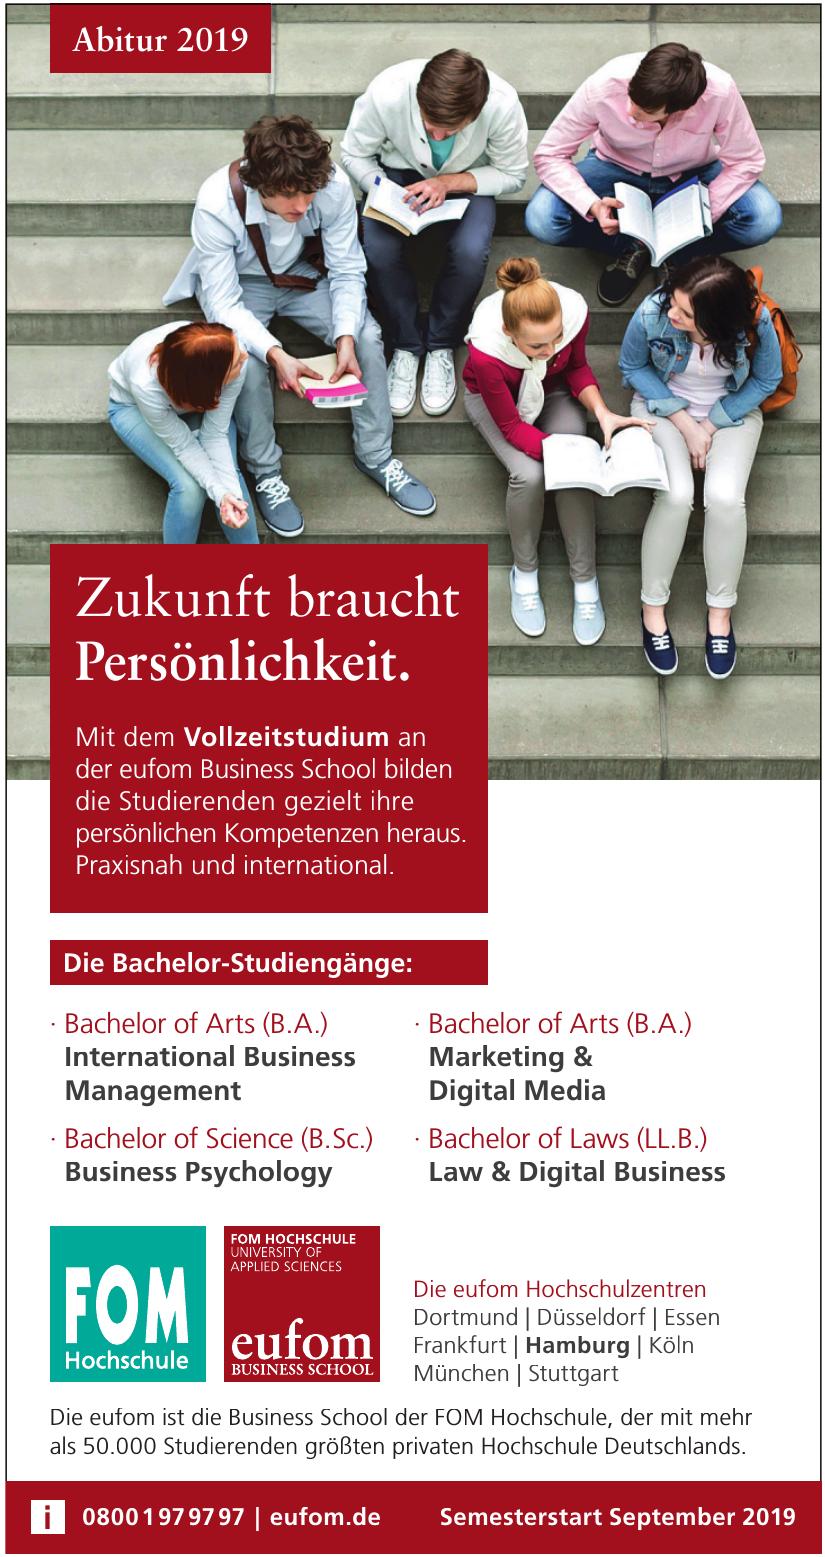 eufom – die Business School der FOM Hochschule